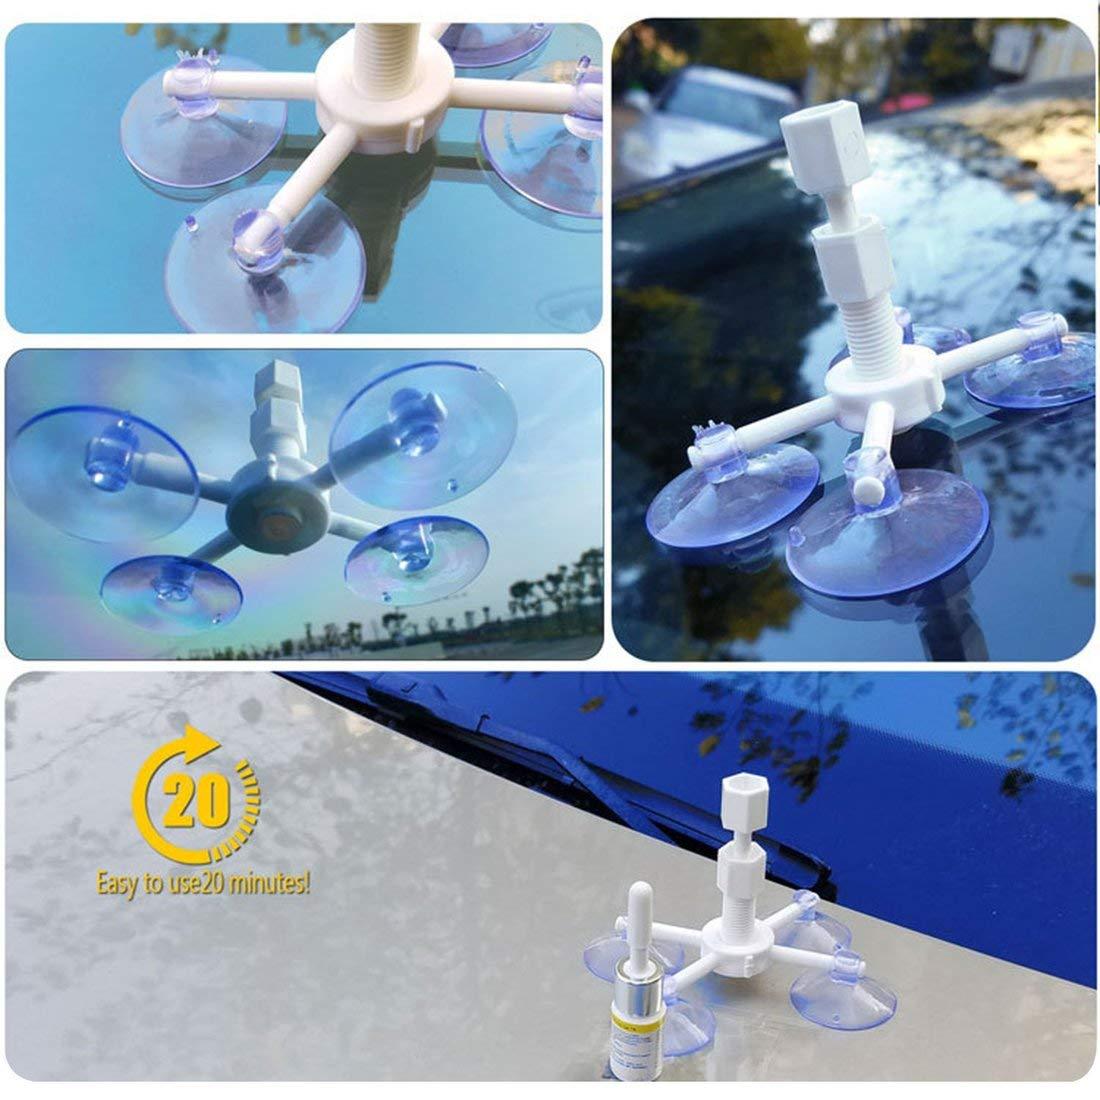 vbncvbfghfgh Kit di Riparazione Parabrezza Fai-da-Te Strumenti per la Riparazione di vetri per Auto Graffi in Vetro Ripristinare Il Parabrezza Crepe Set di Strumenti di Riparazione per lucidatura